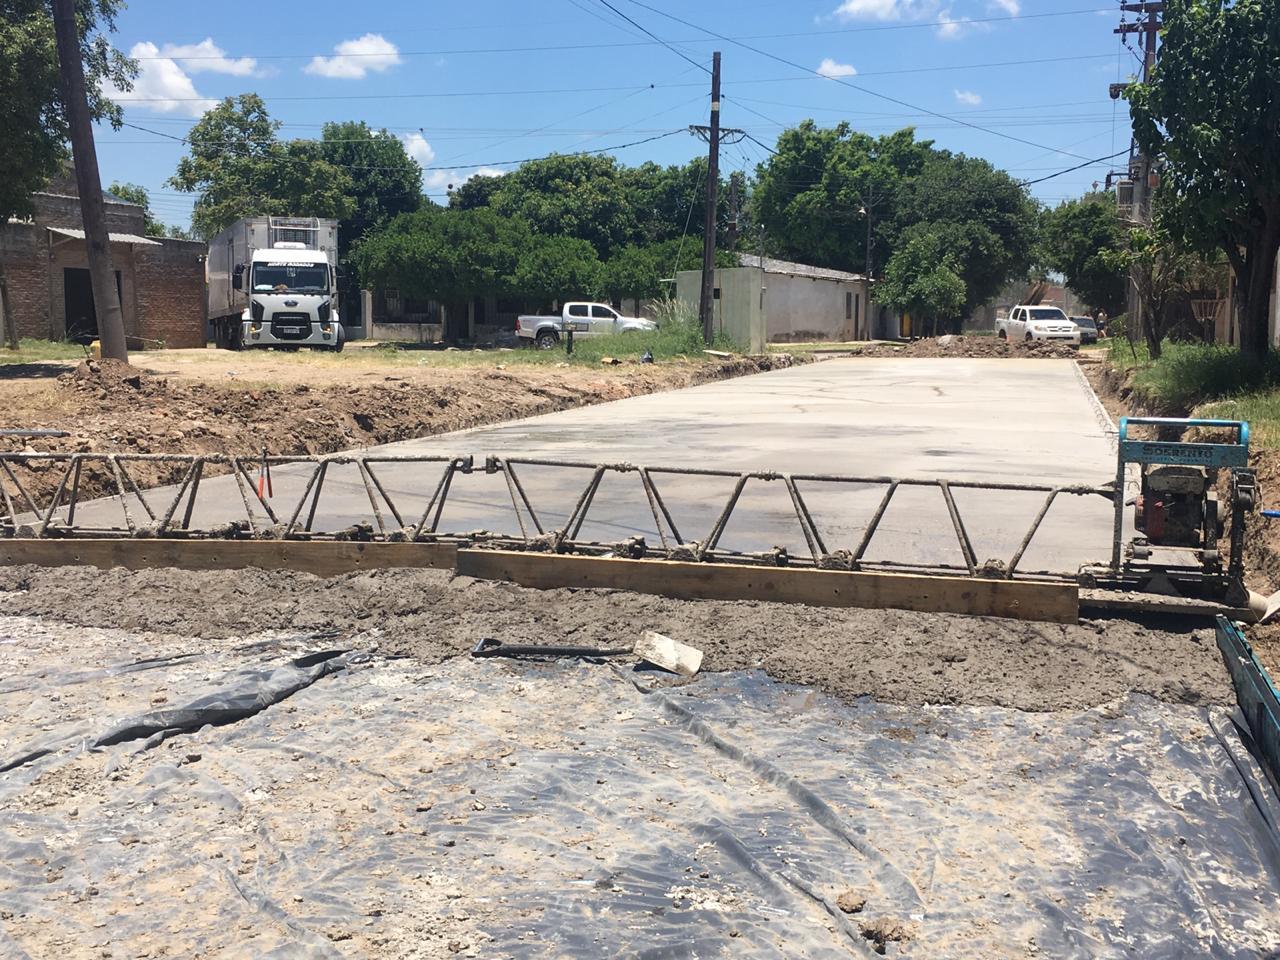 Arrancó la pavimentación de la calle Fragata Hércules en el barrio Santa Rosa